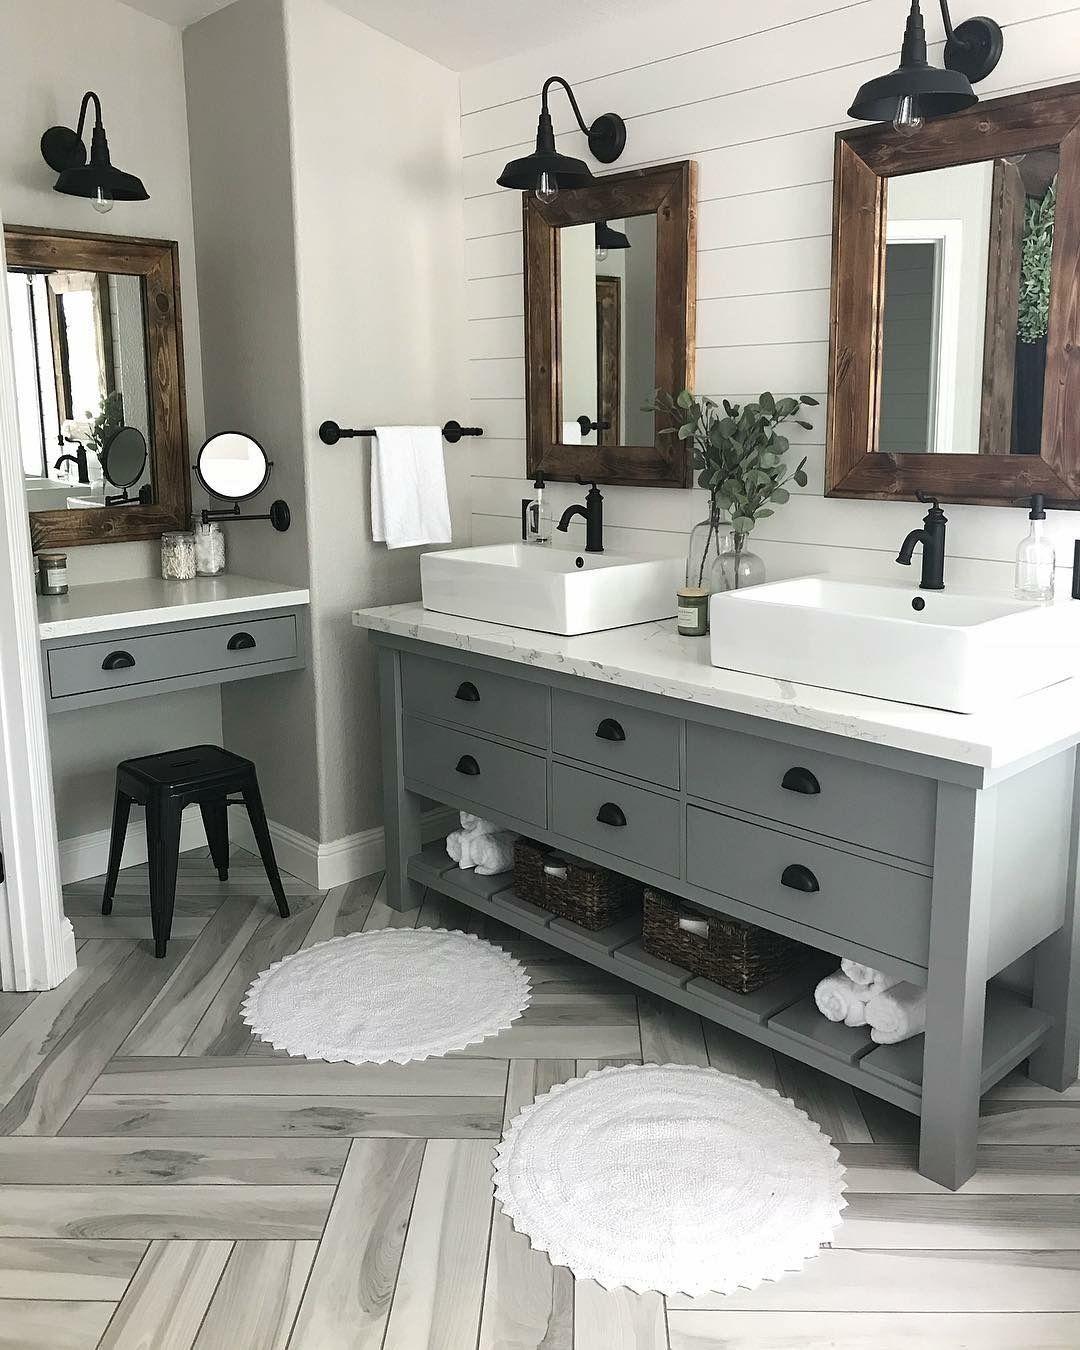 5 Minimalist Master Bathroom Remodel Ideas - ZYHOMY  Farmhouse